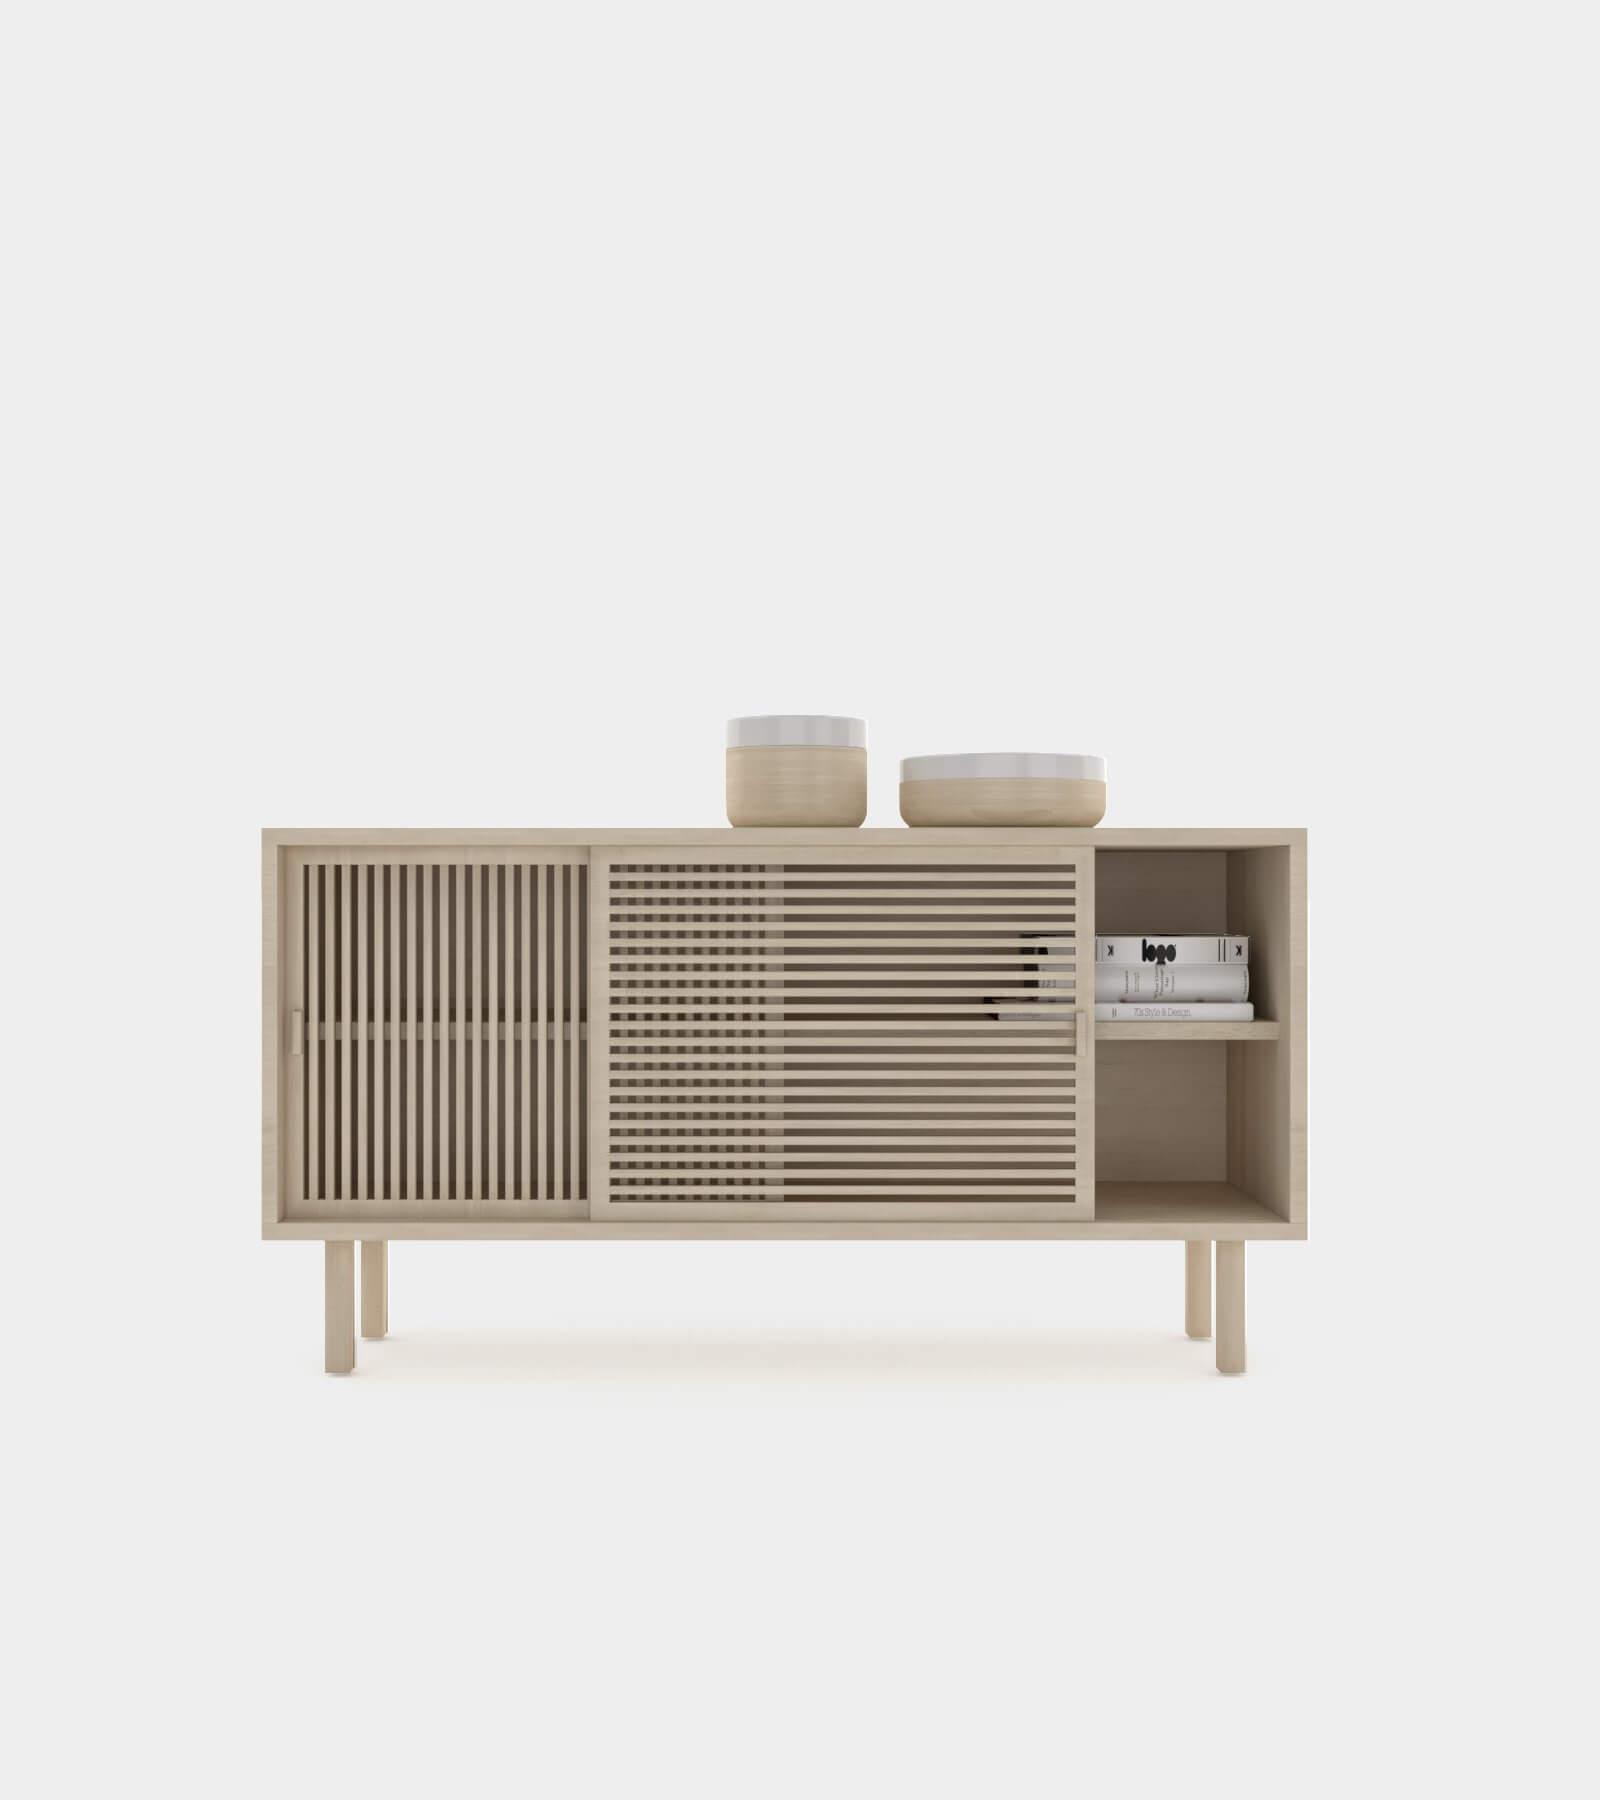 Wooden sliding door sideboard-1 - 3D Model